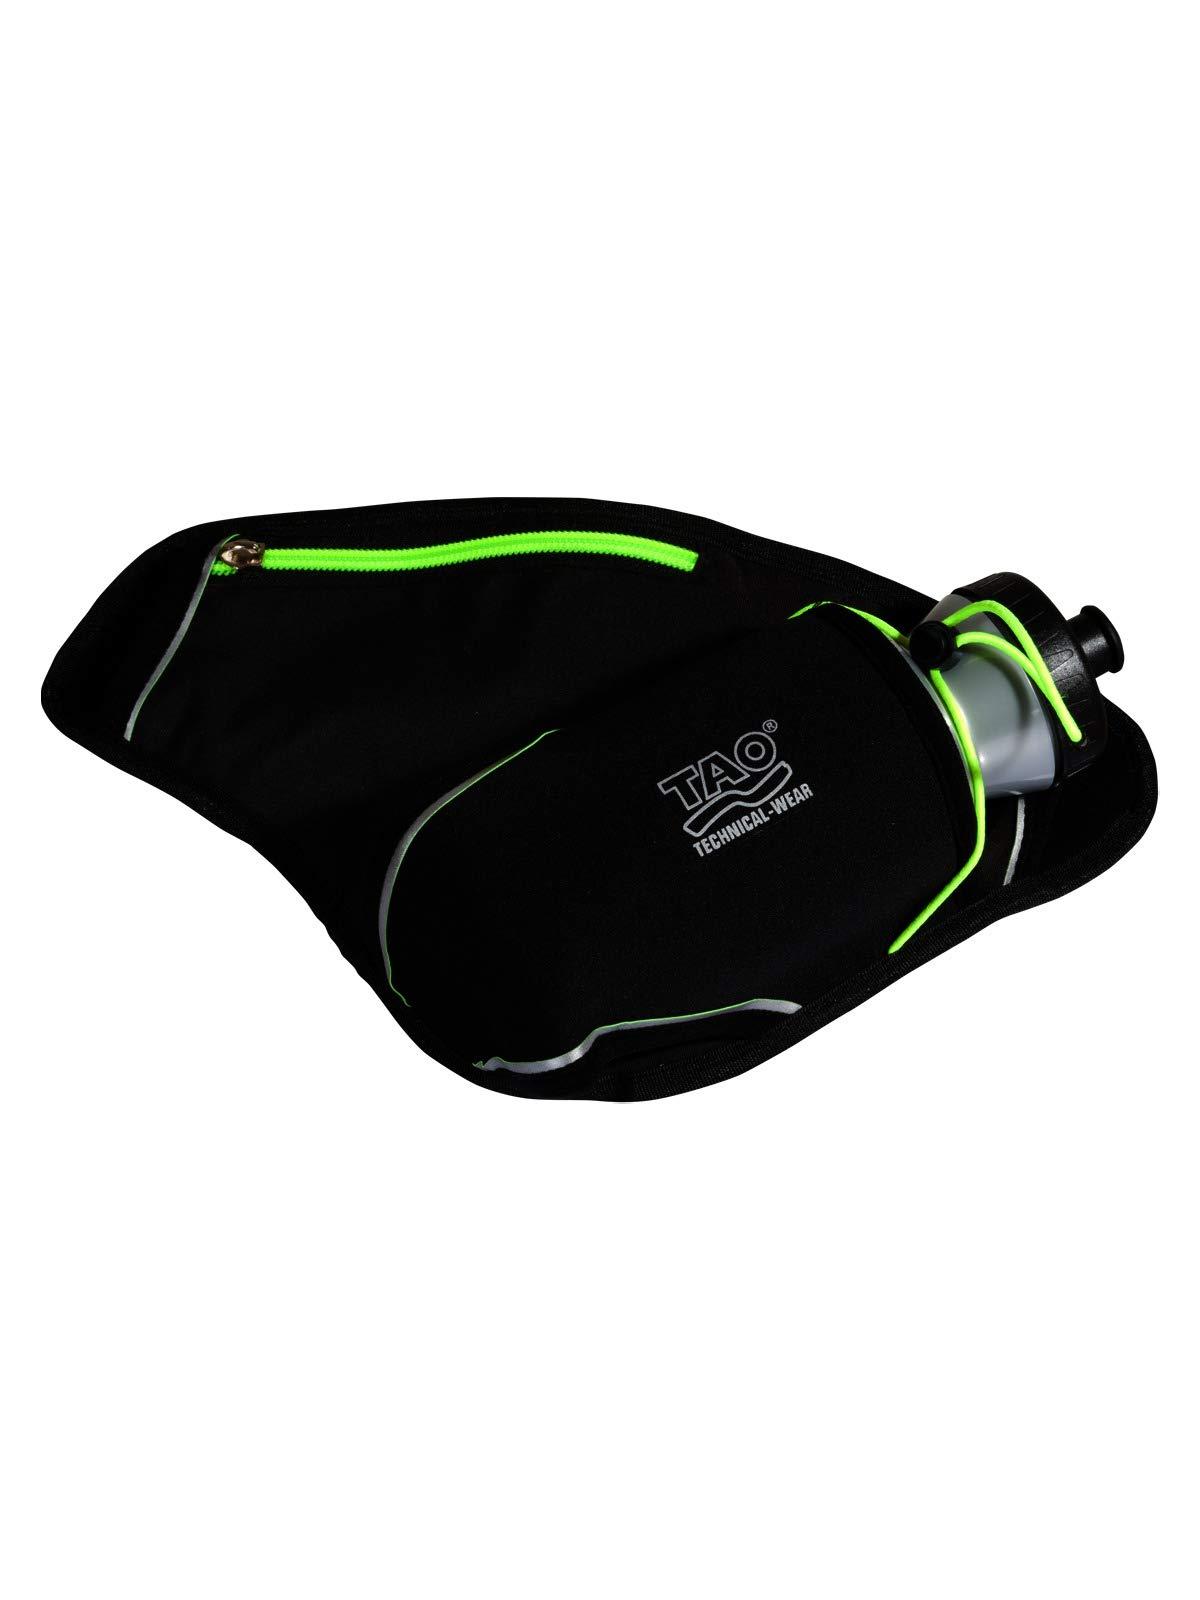 TAO Sportswear Trinkflaschen-Tasche inkl. Flasche Big Bottle Holder Black/Sirio